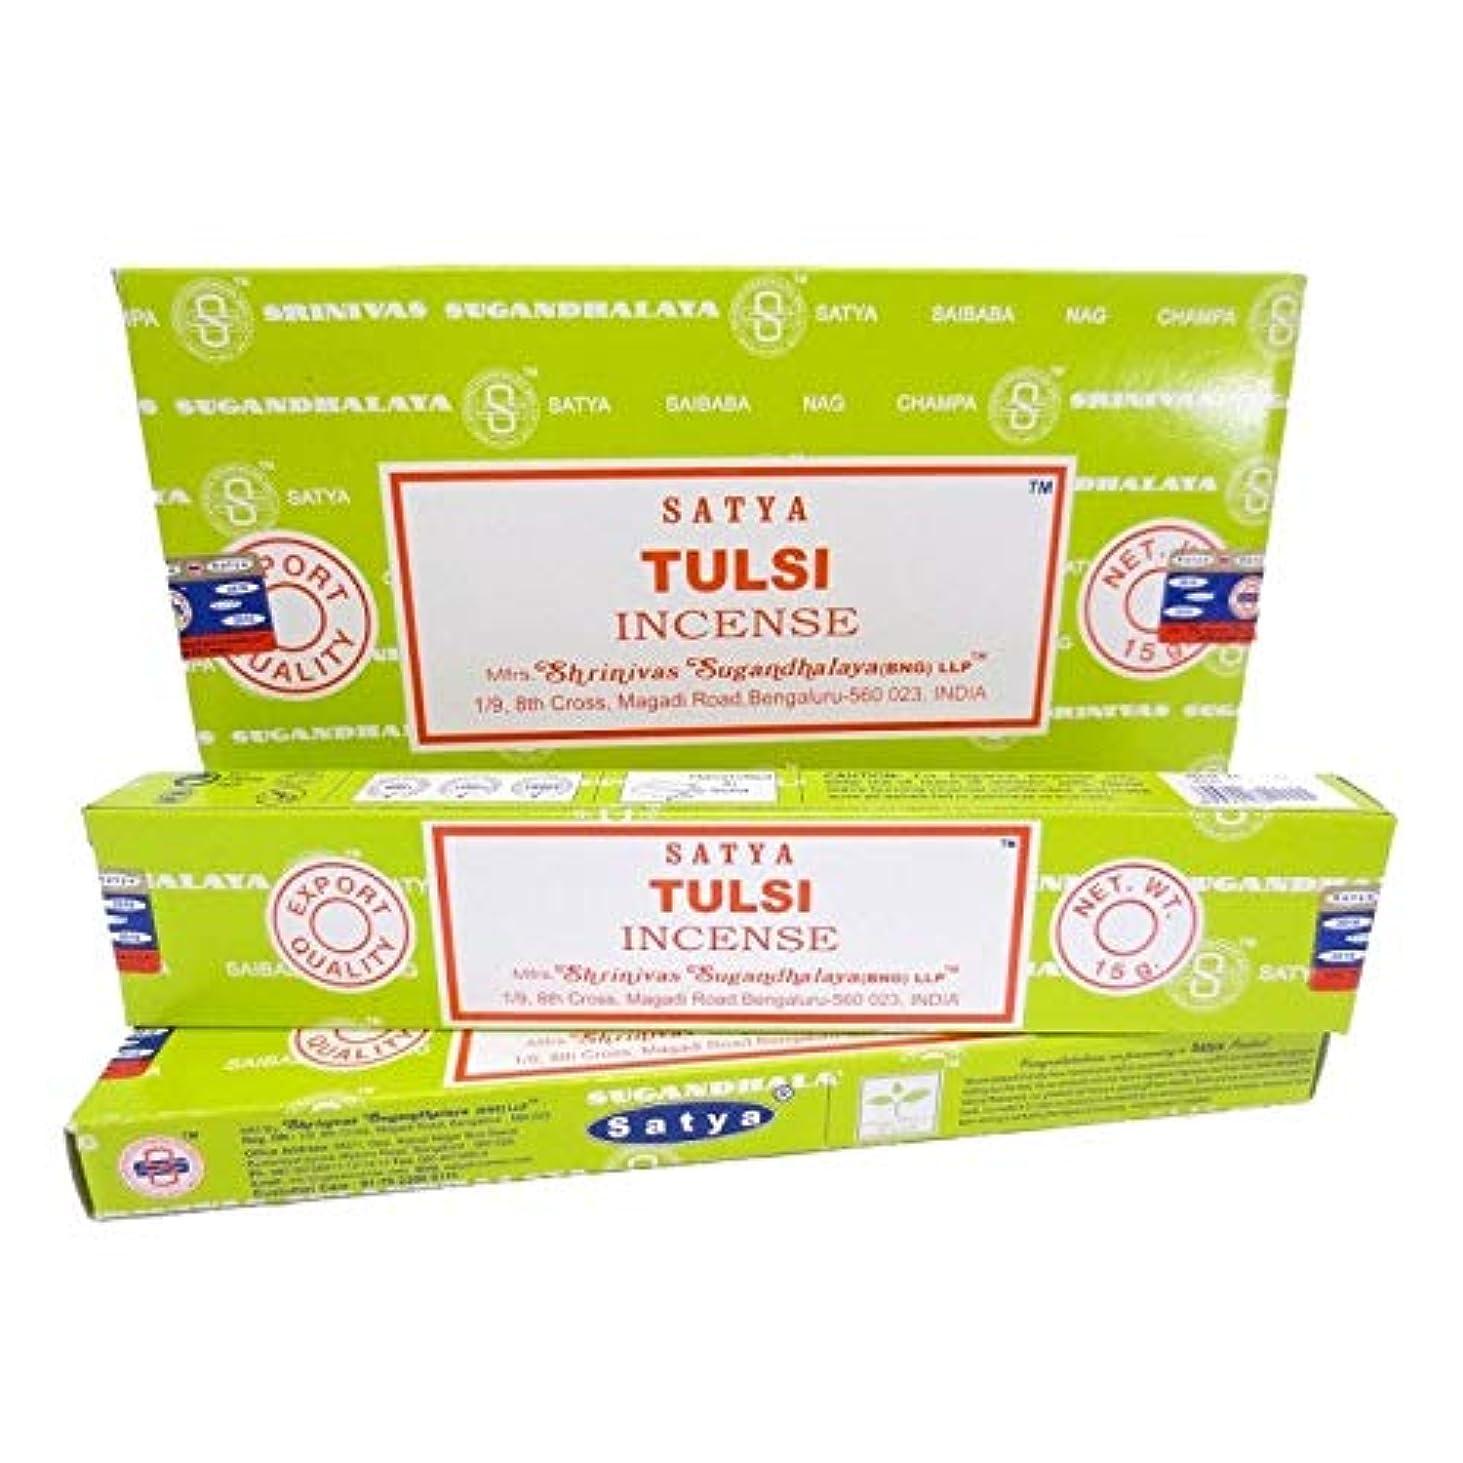 仕様死すべき普通のSatya Incense 1箱に12個の人気の香り - スティック(Tulsi)